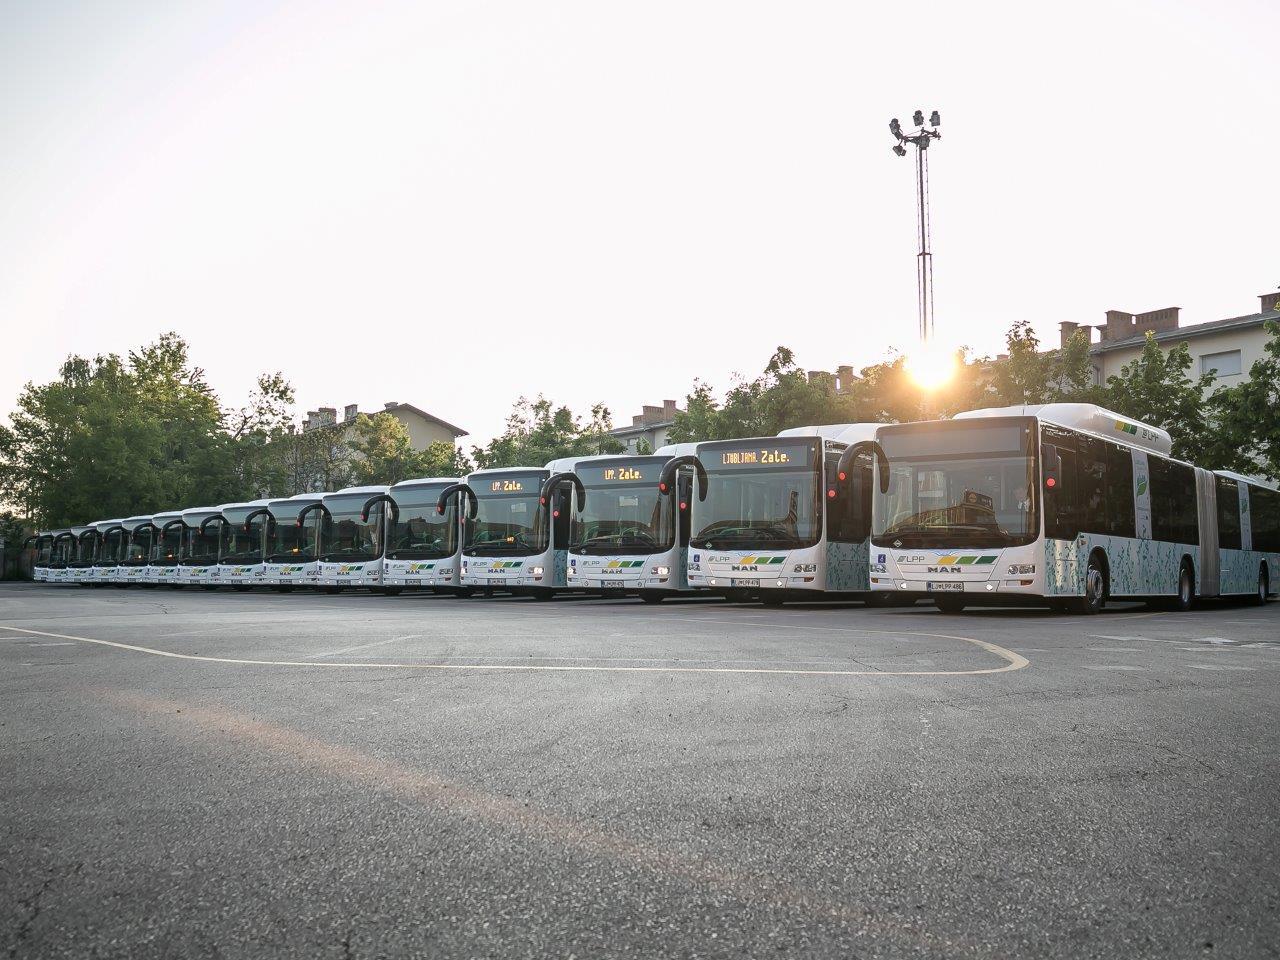 Flotila nových autobusů MAN Lion's City G CNG pro Lublaň. (foto: MAN Truck & Bus)